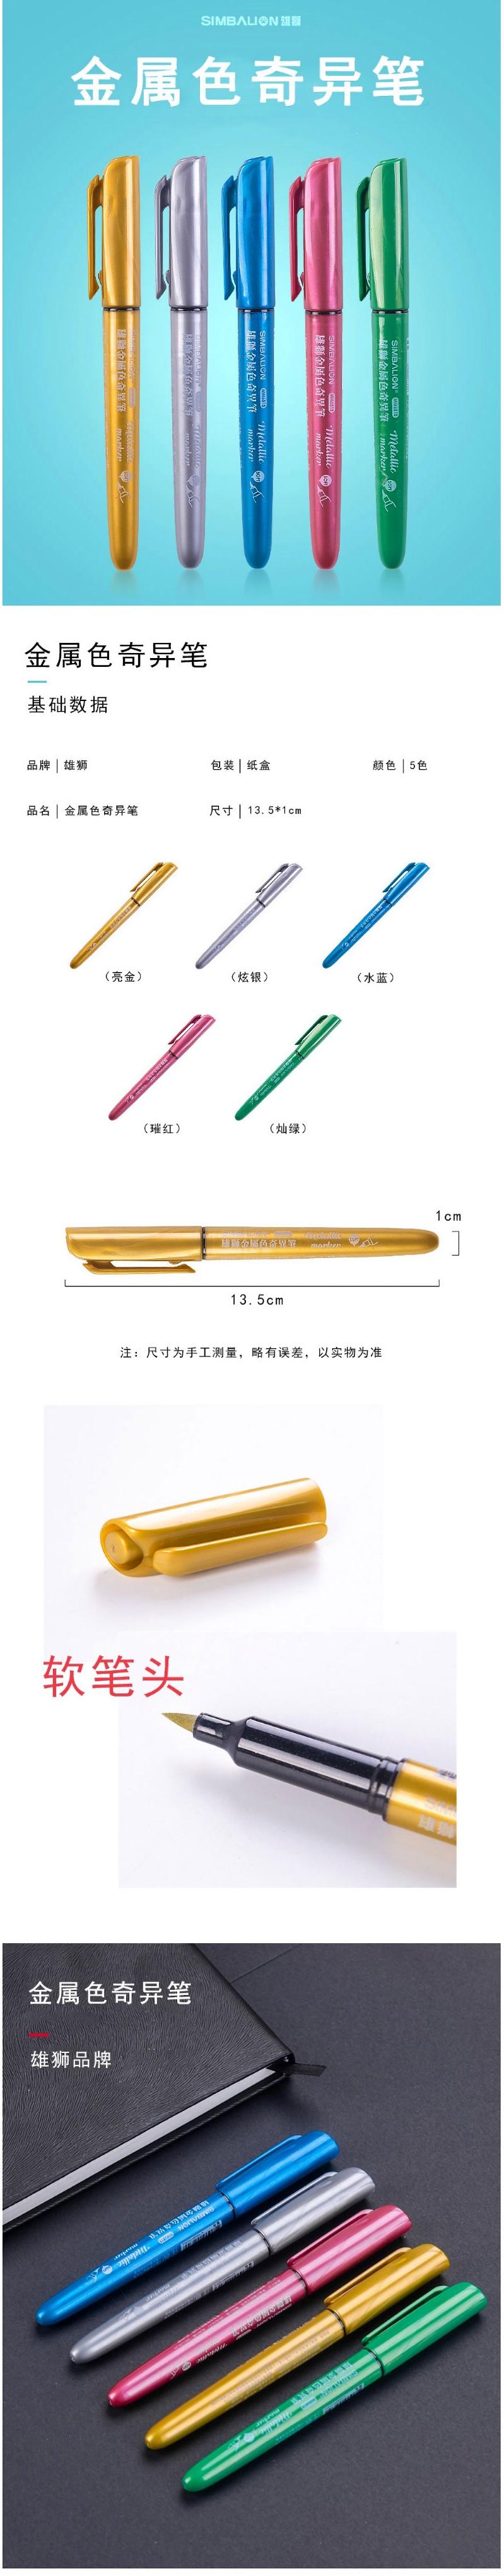 雄狮MM-681B 金属色奇异笔(绿)